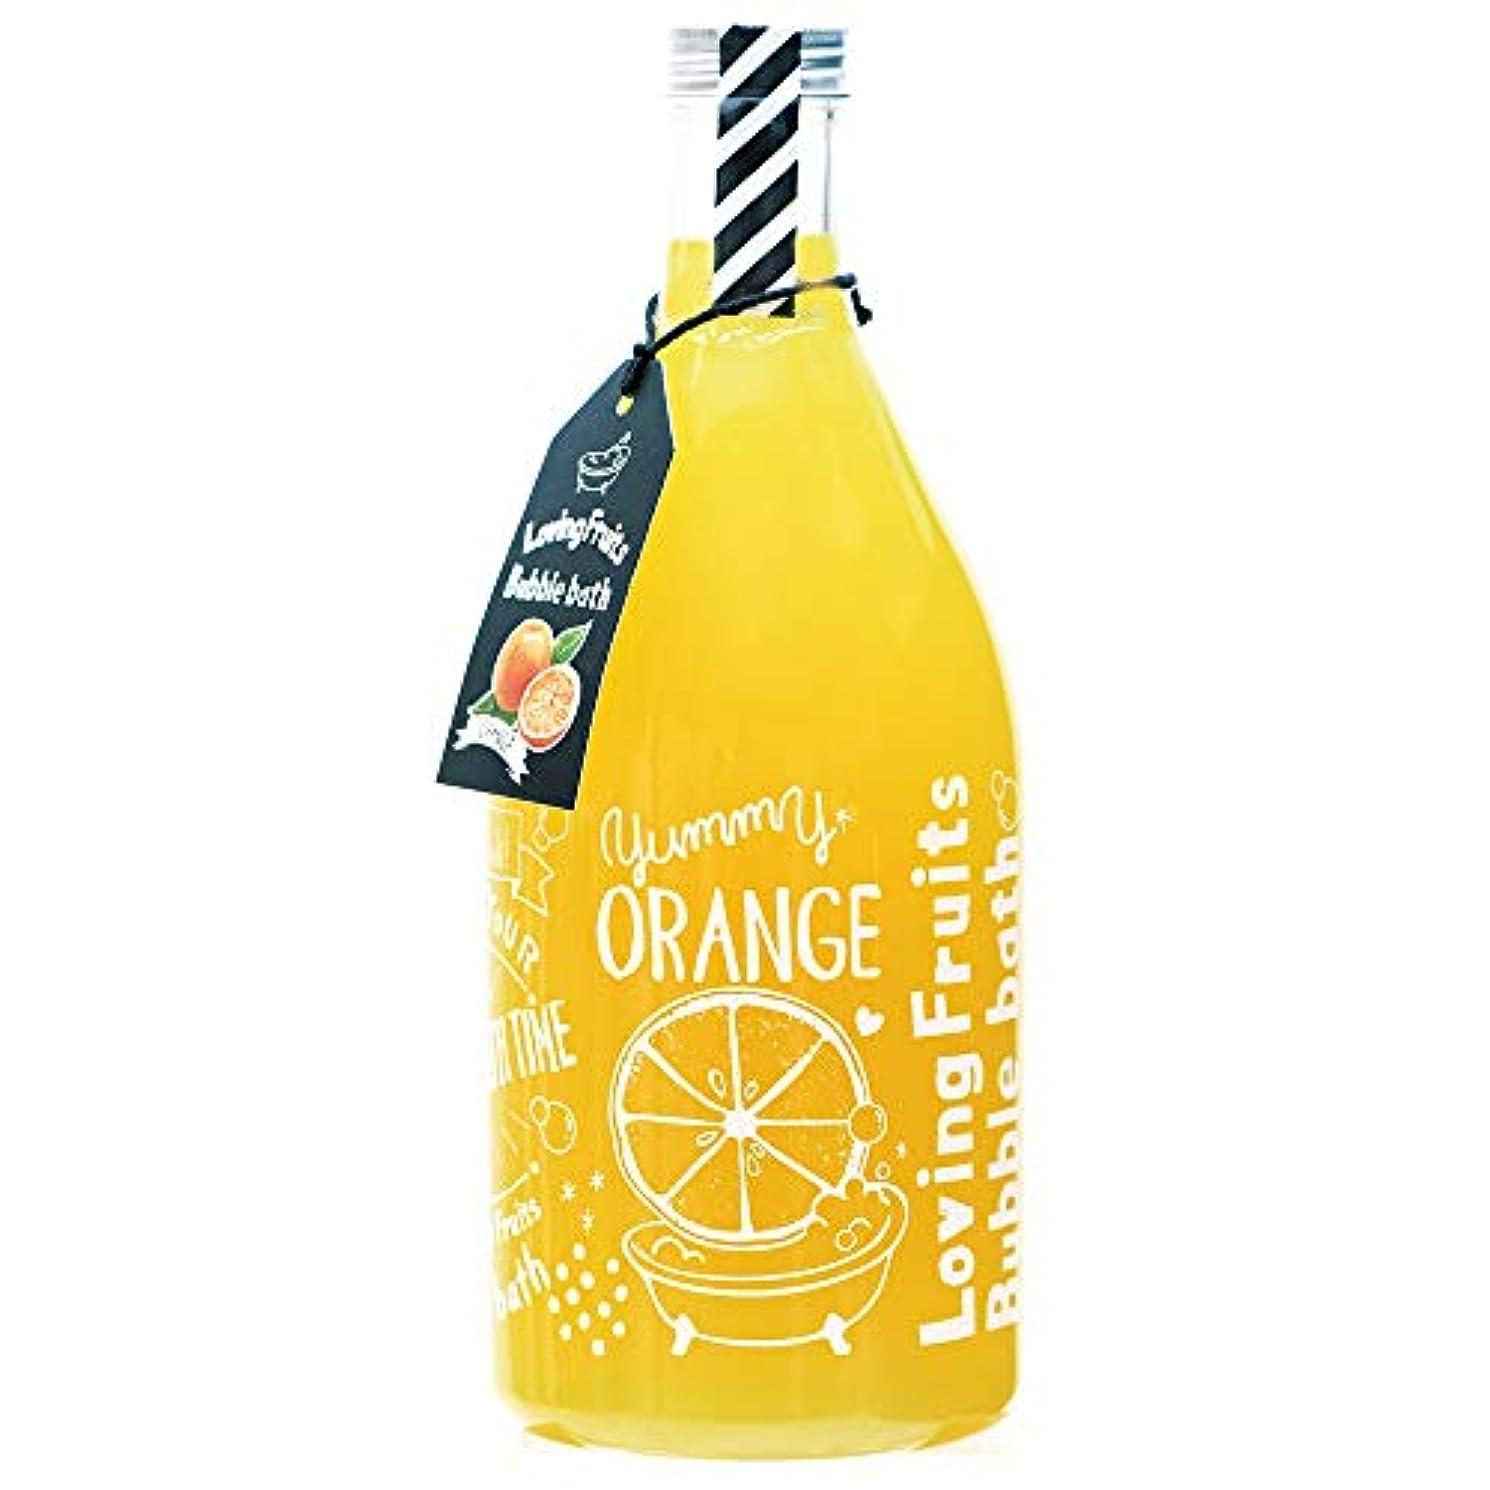 シャーアーサーそこノルコーポレーション 入浴剤 バブルバス ラビングフルーツ 750ml オレンジの香り OB-LFS-1-2